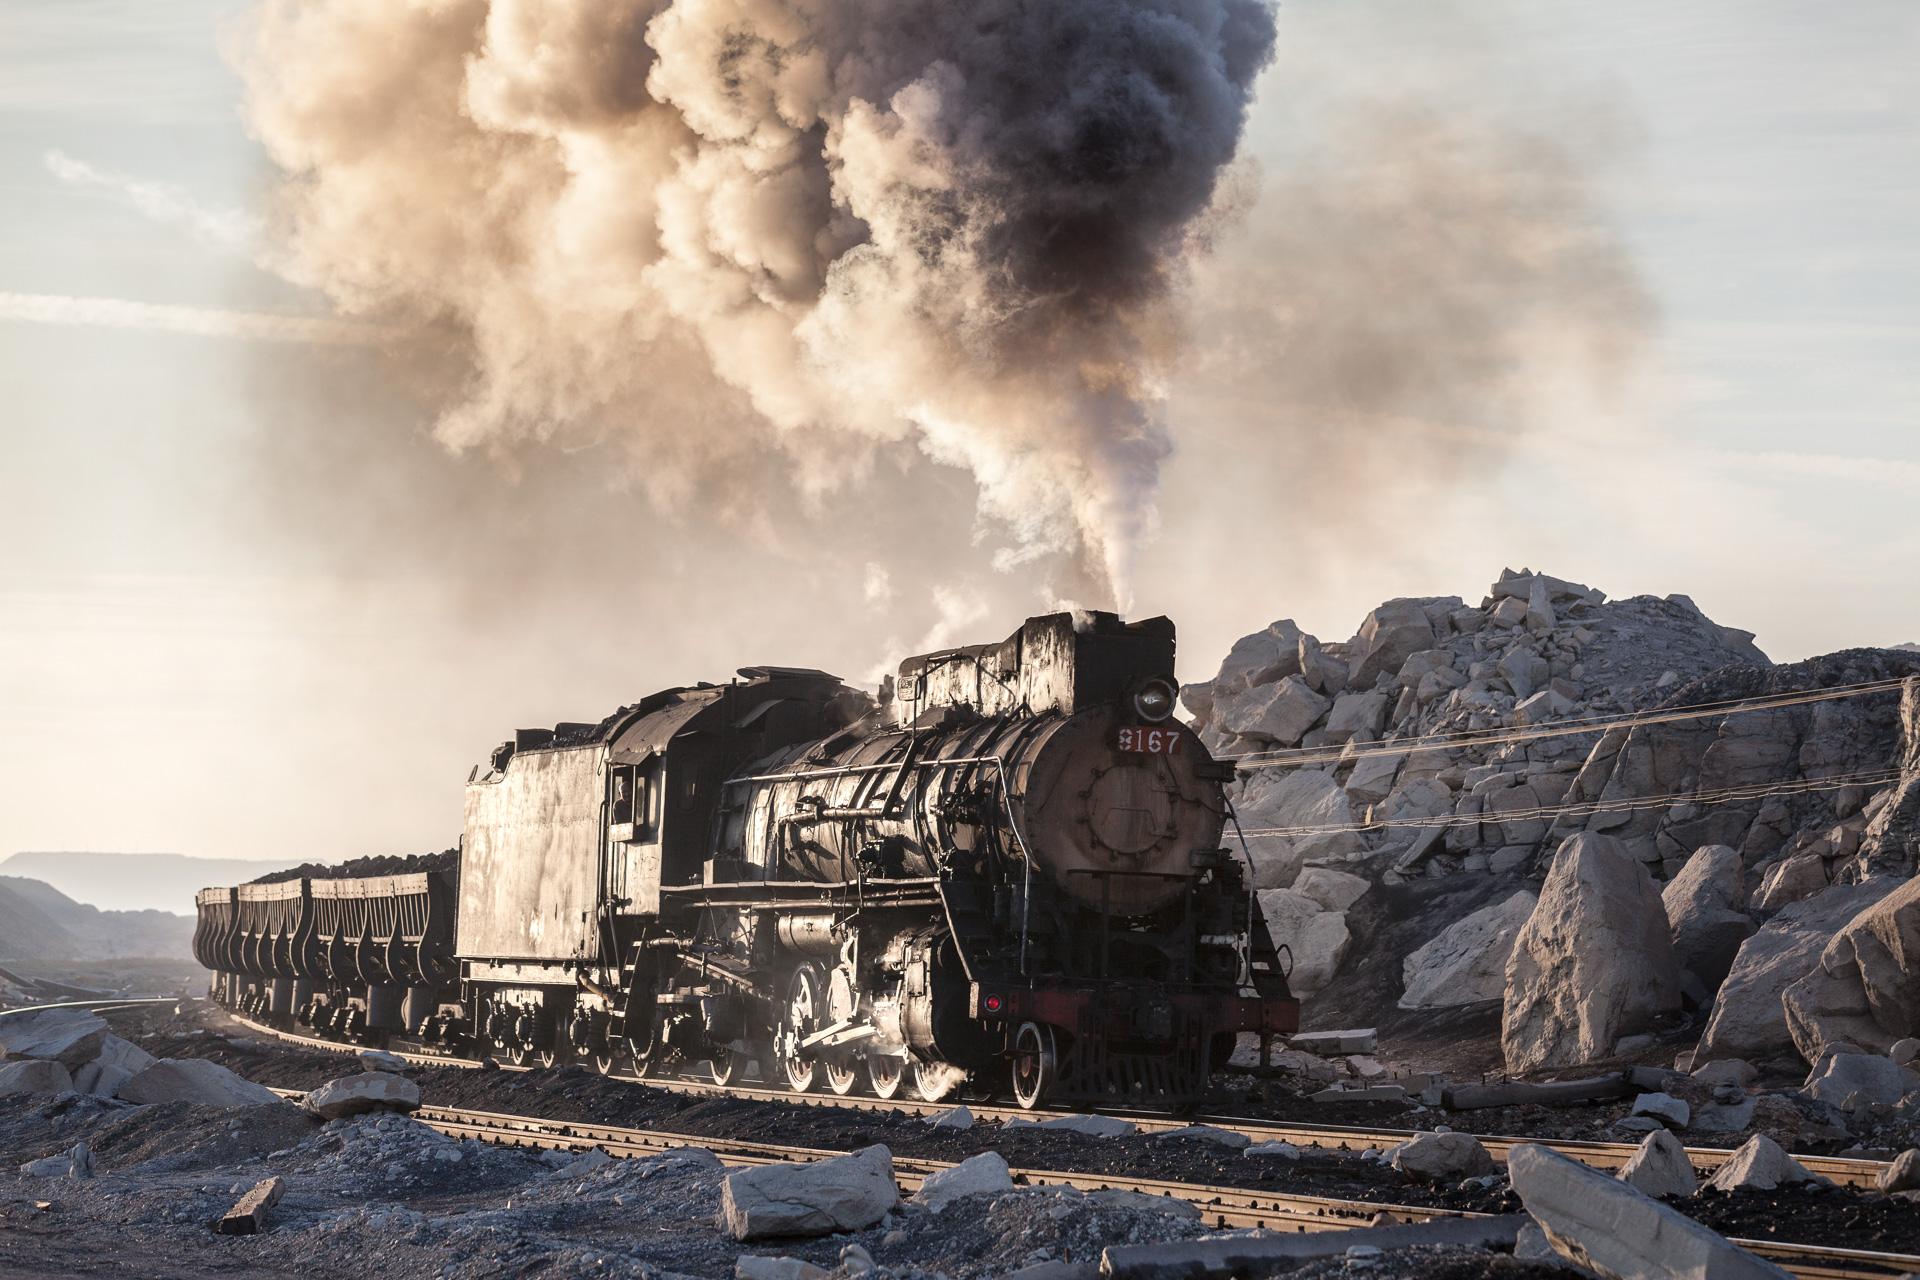 JS 8167  schleppt im letzten Abendlicht einen voll beladenen Kohlezug aus dem Tagebau Sandaoling.